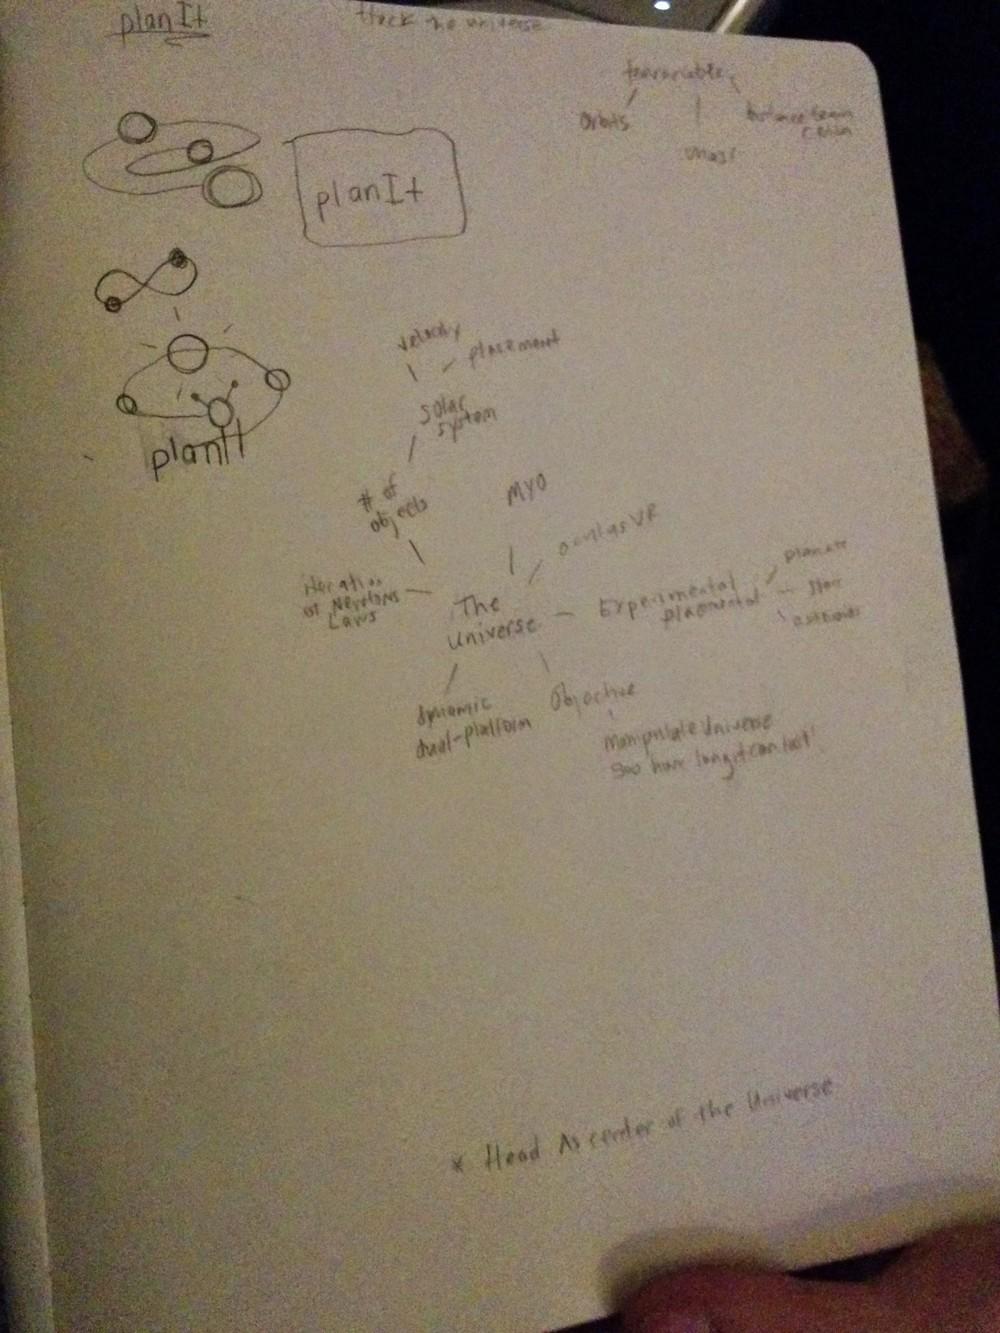 Initial Brainstorming